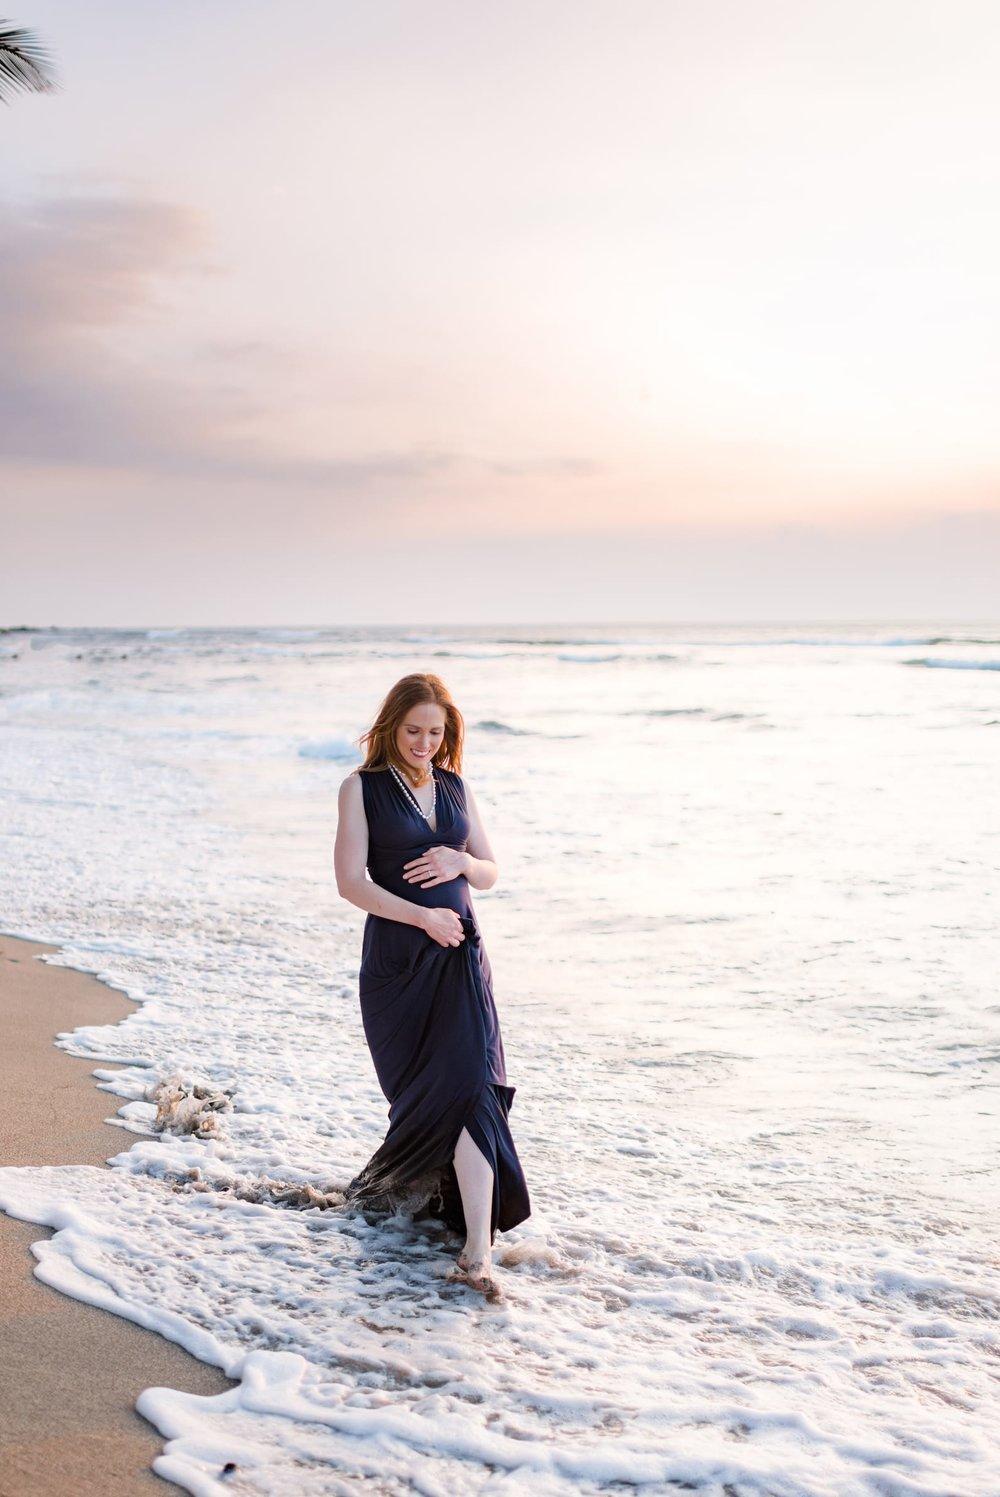 Hawaii-Beach-Maternity-Photographer52.jpg